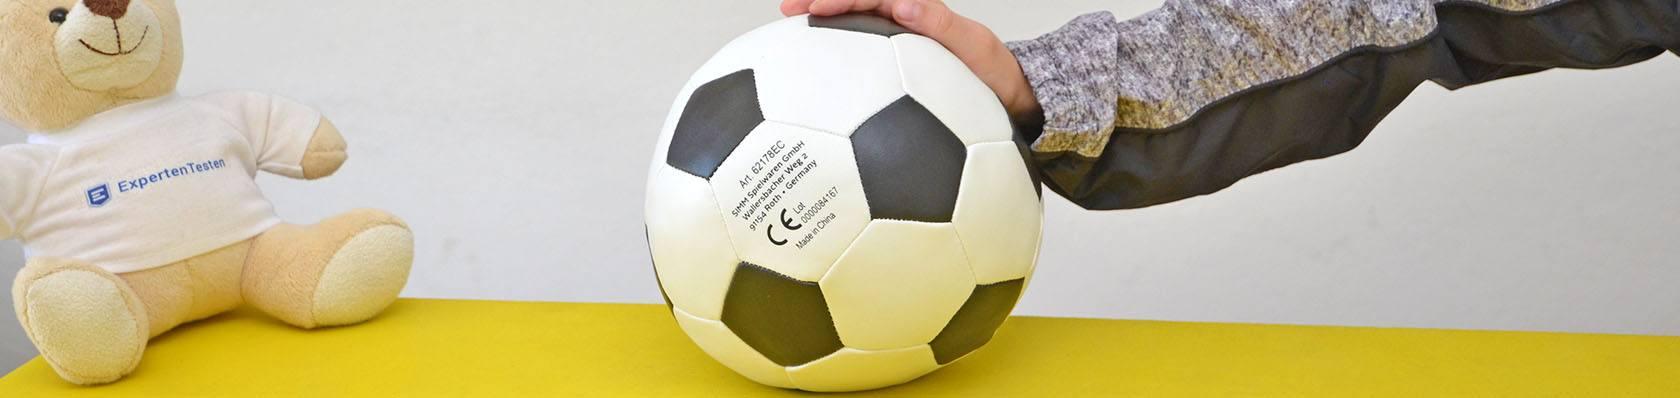 Fußball-Adventskalender im Test auf ExpertenTesten.de